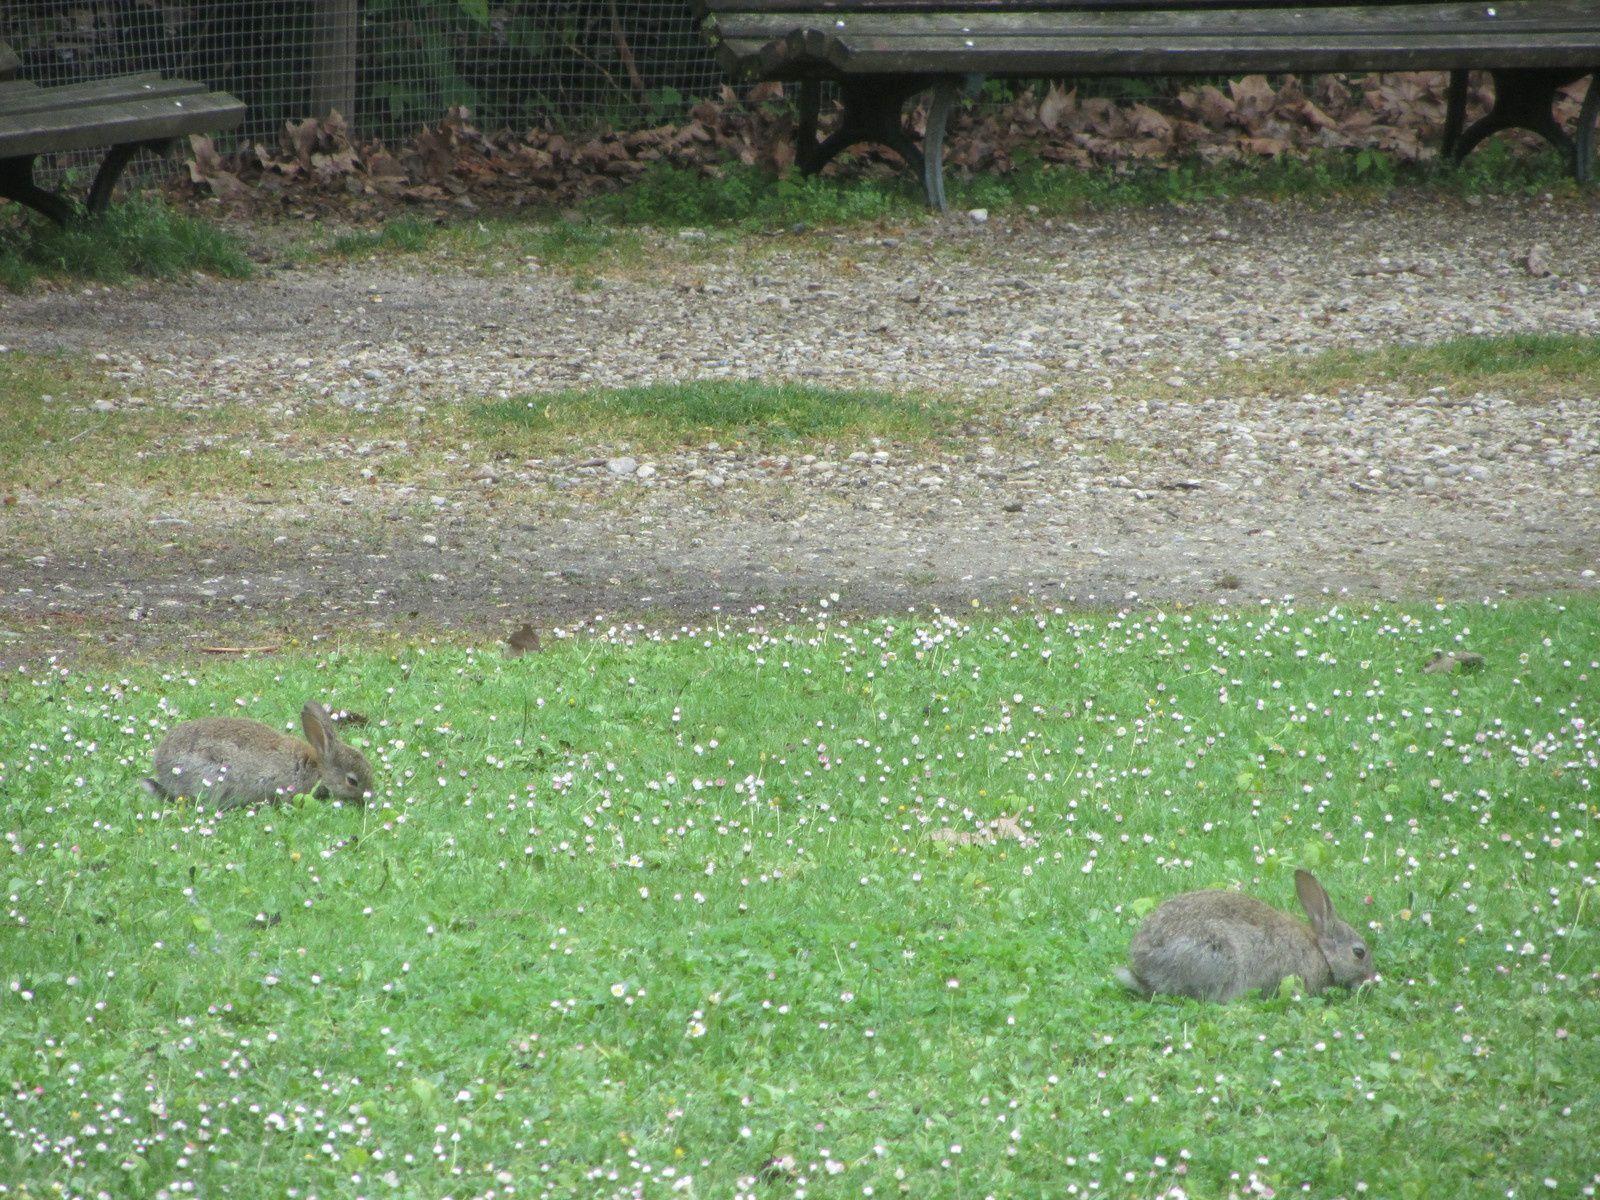 A n'en pas douter, elle aurait pu faire un tableau, des lapins que je rencontre le jeudi matin au parc bordelais, lorsque je vais marcher avec le groupe .